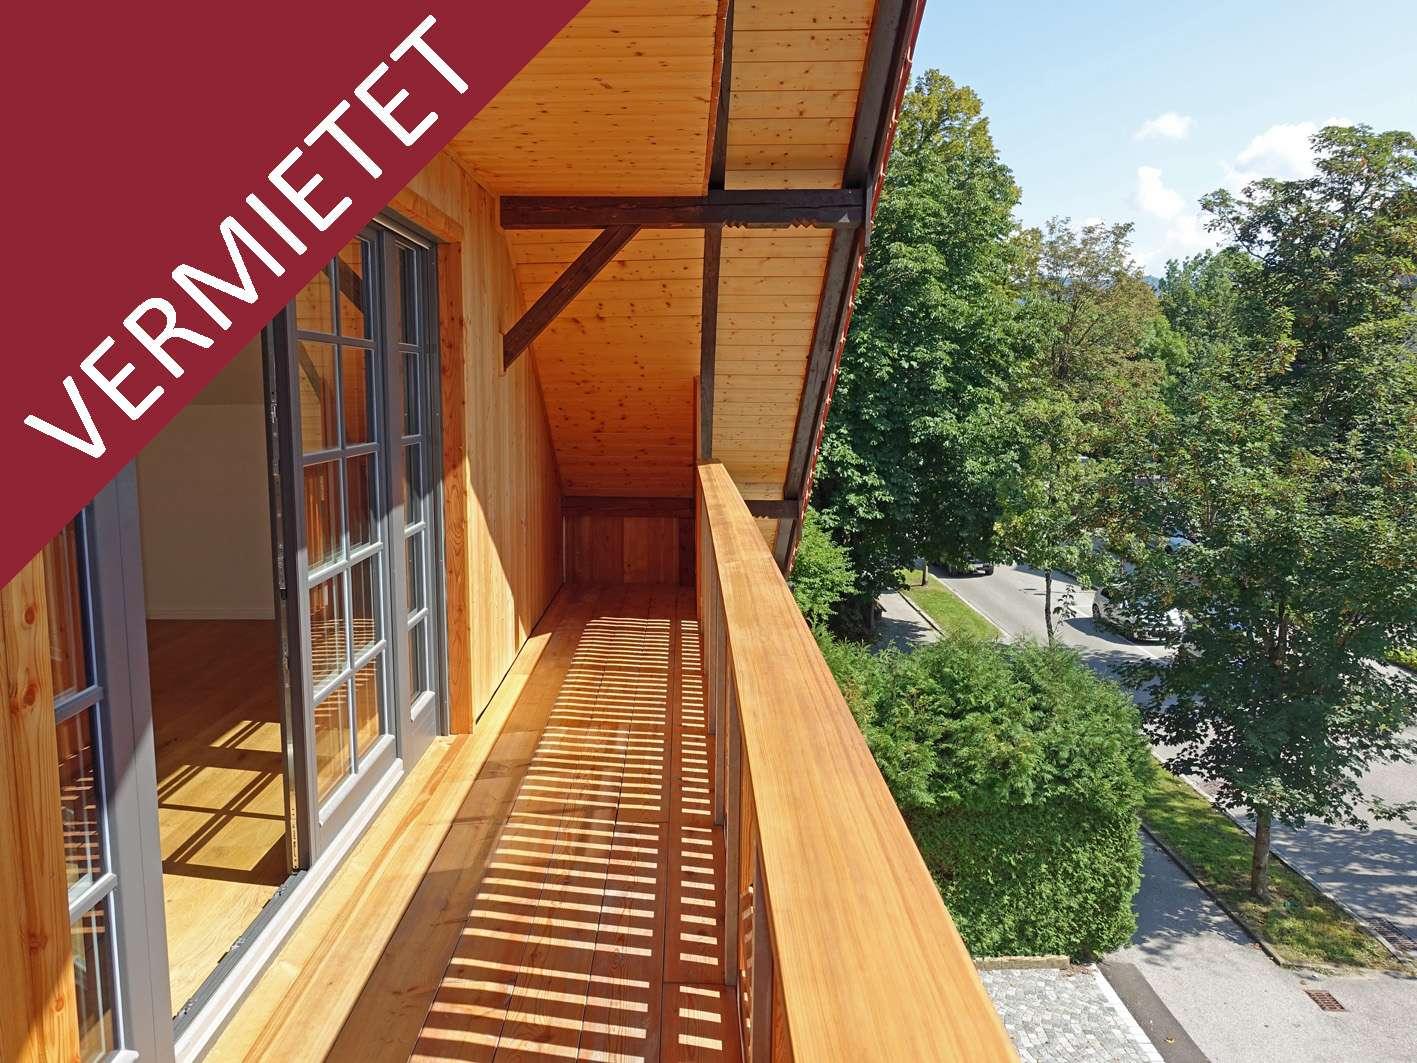 Tolle Neubau-Dachgeschosswohnung mit zwei Balkonen im Badeteil in Bad Tölz